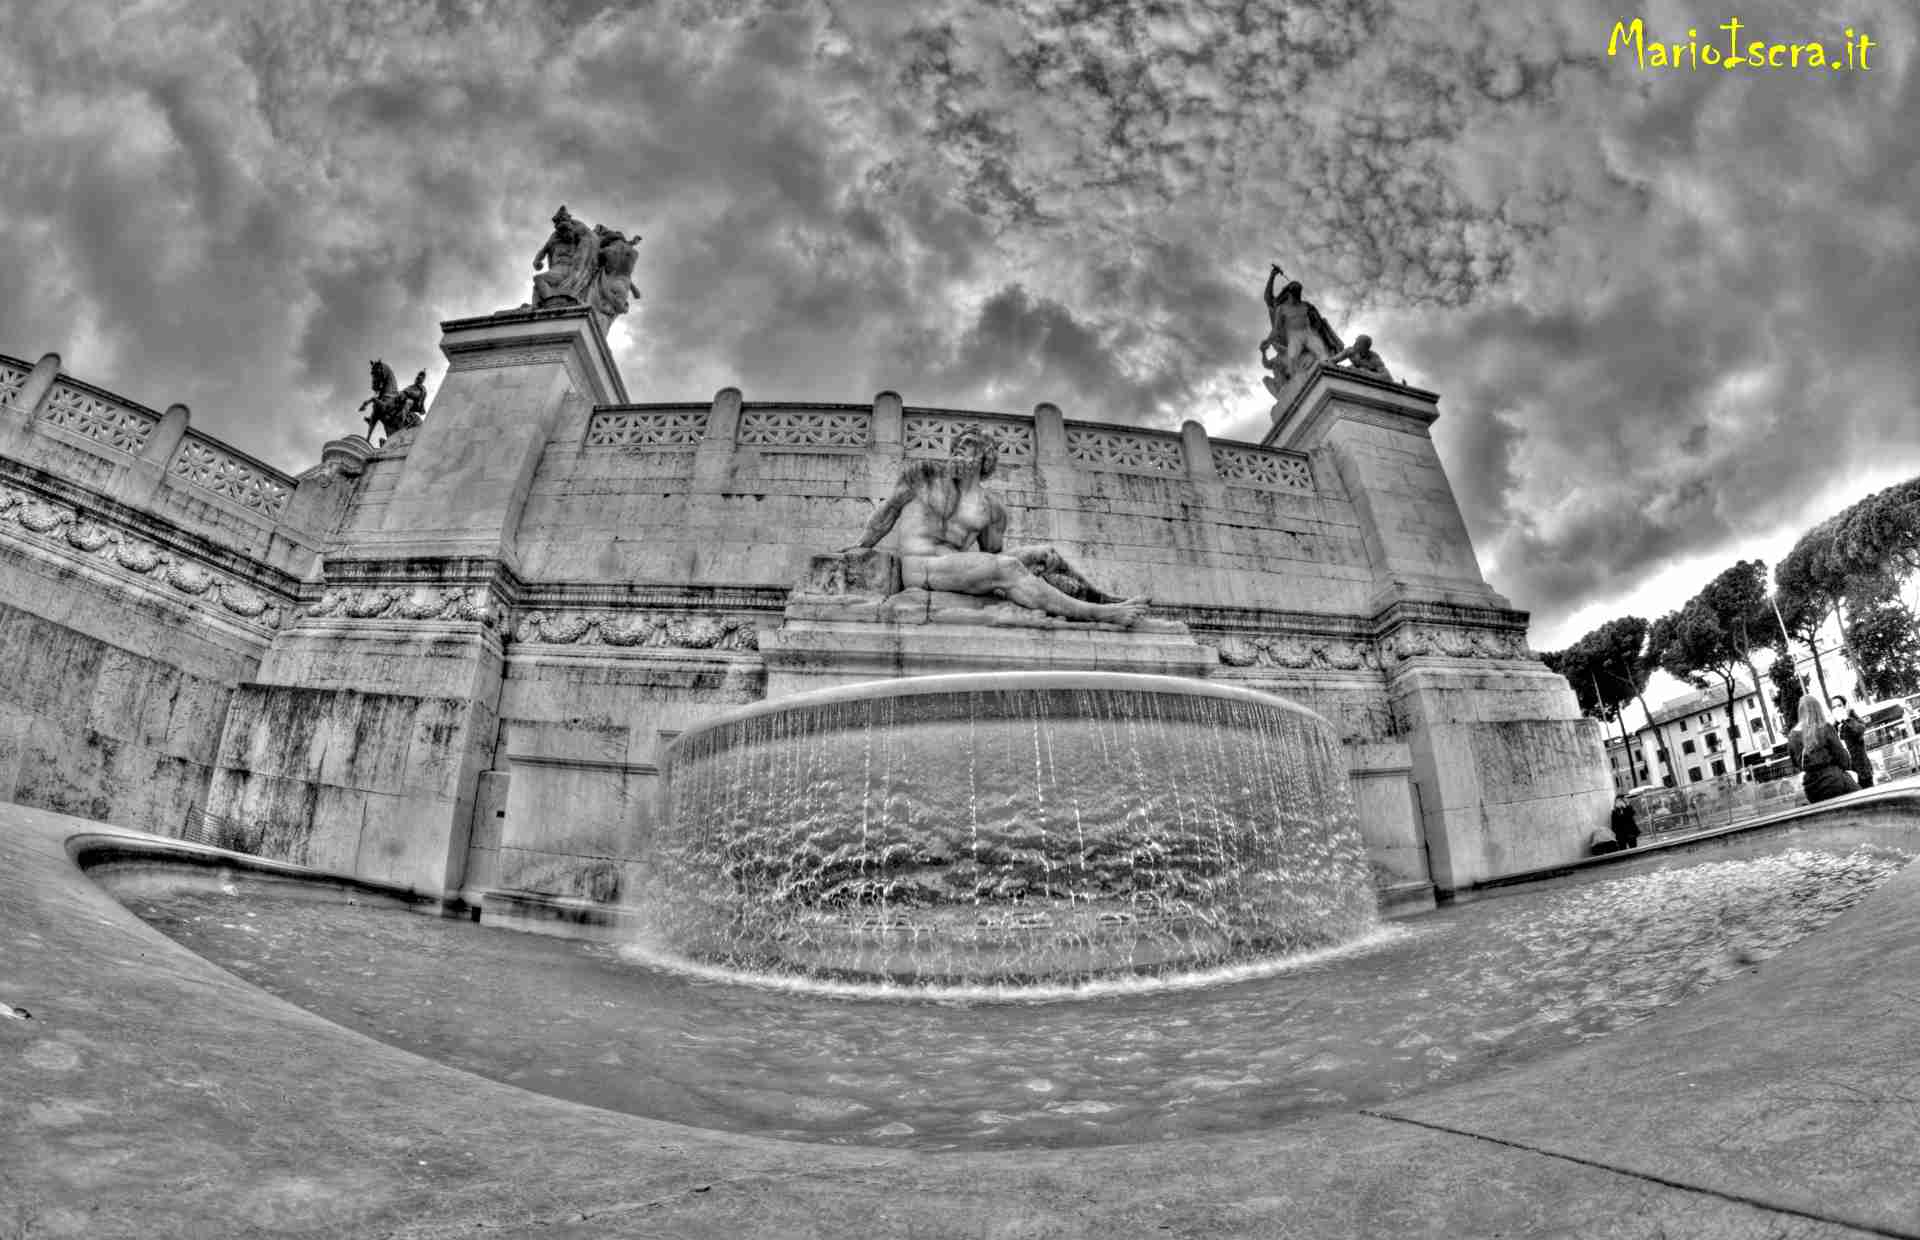 altare della patria roma bianco e nero